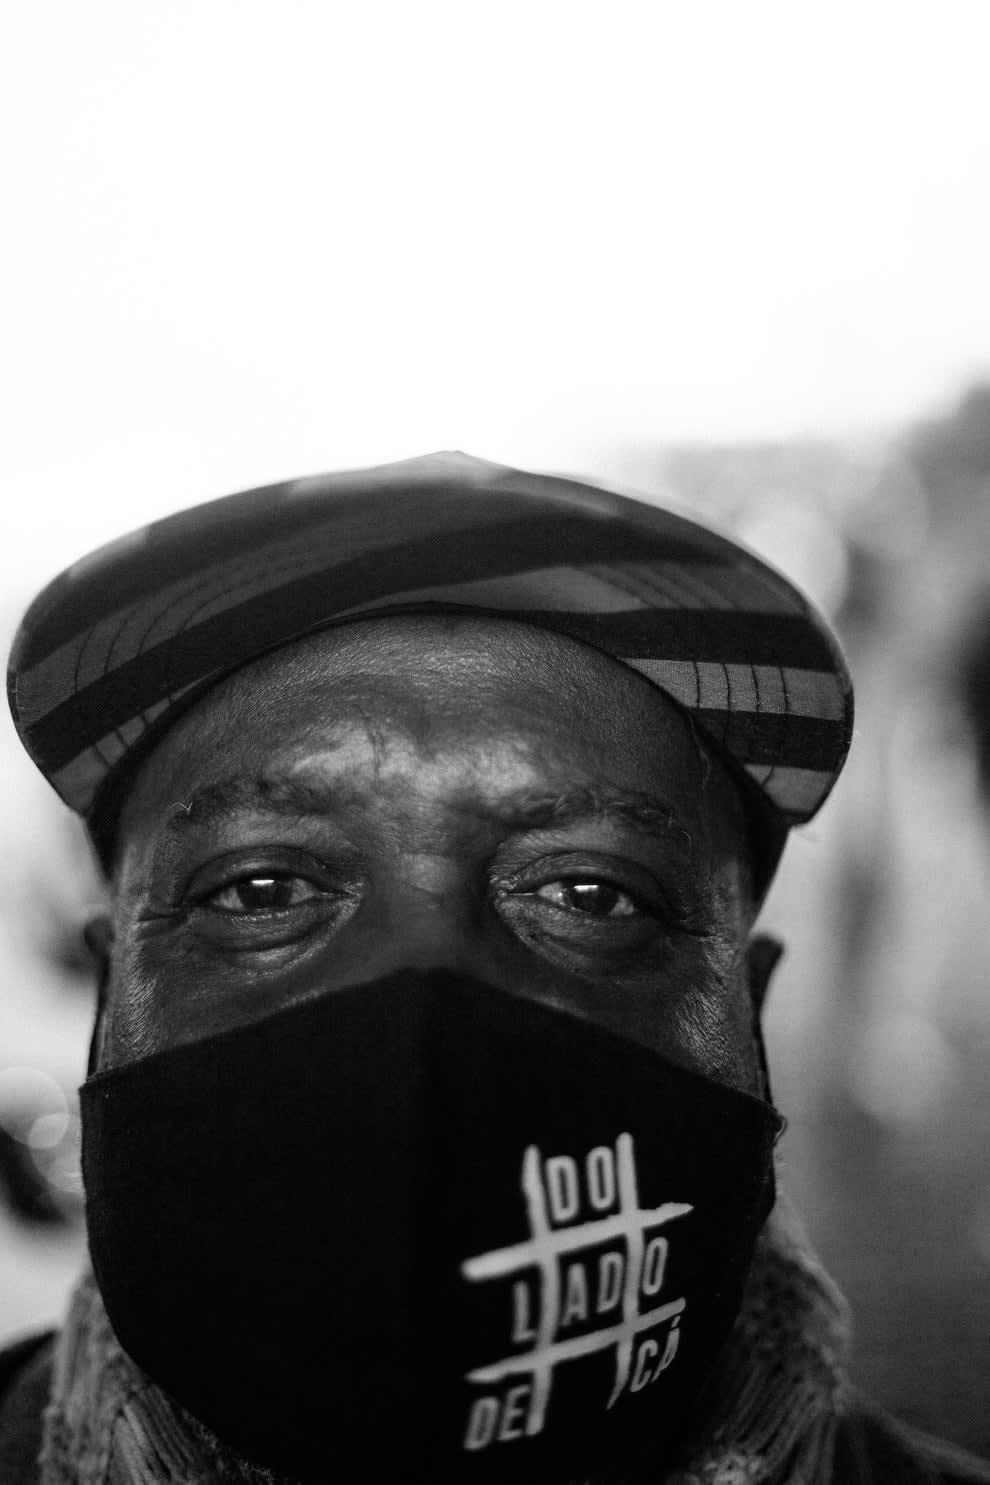 Rosto de homem negro com máscara preta e boné.